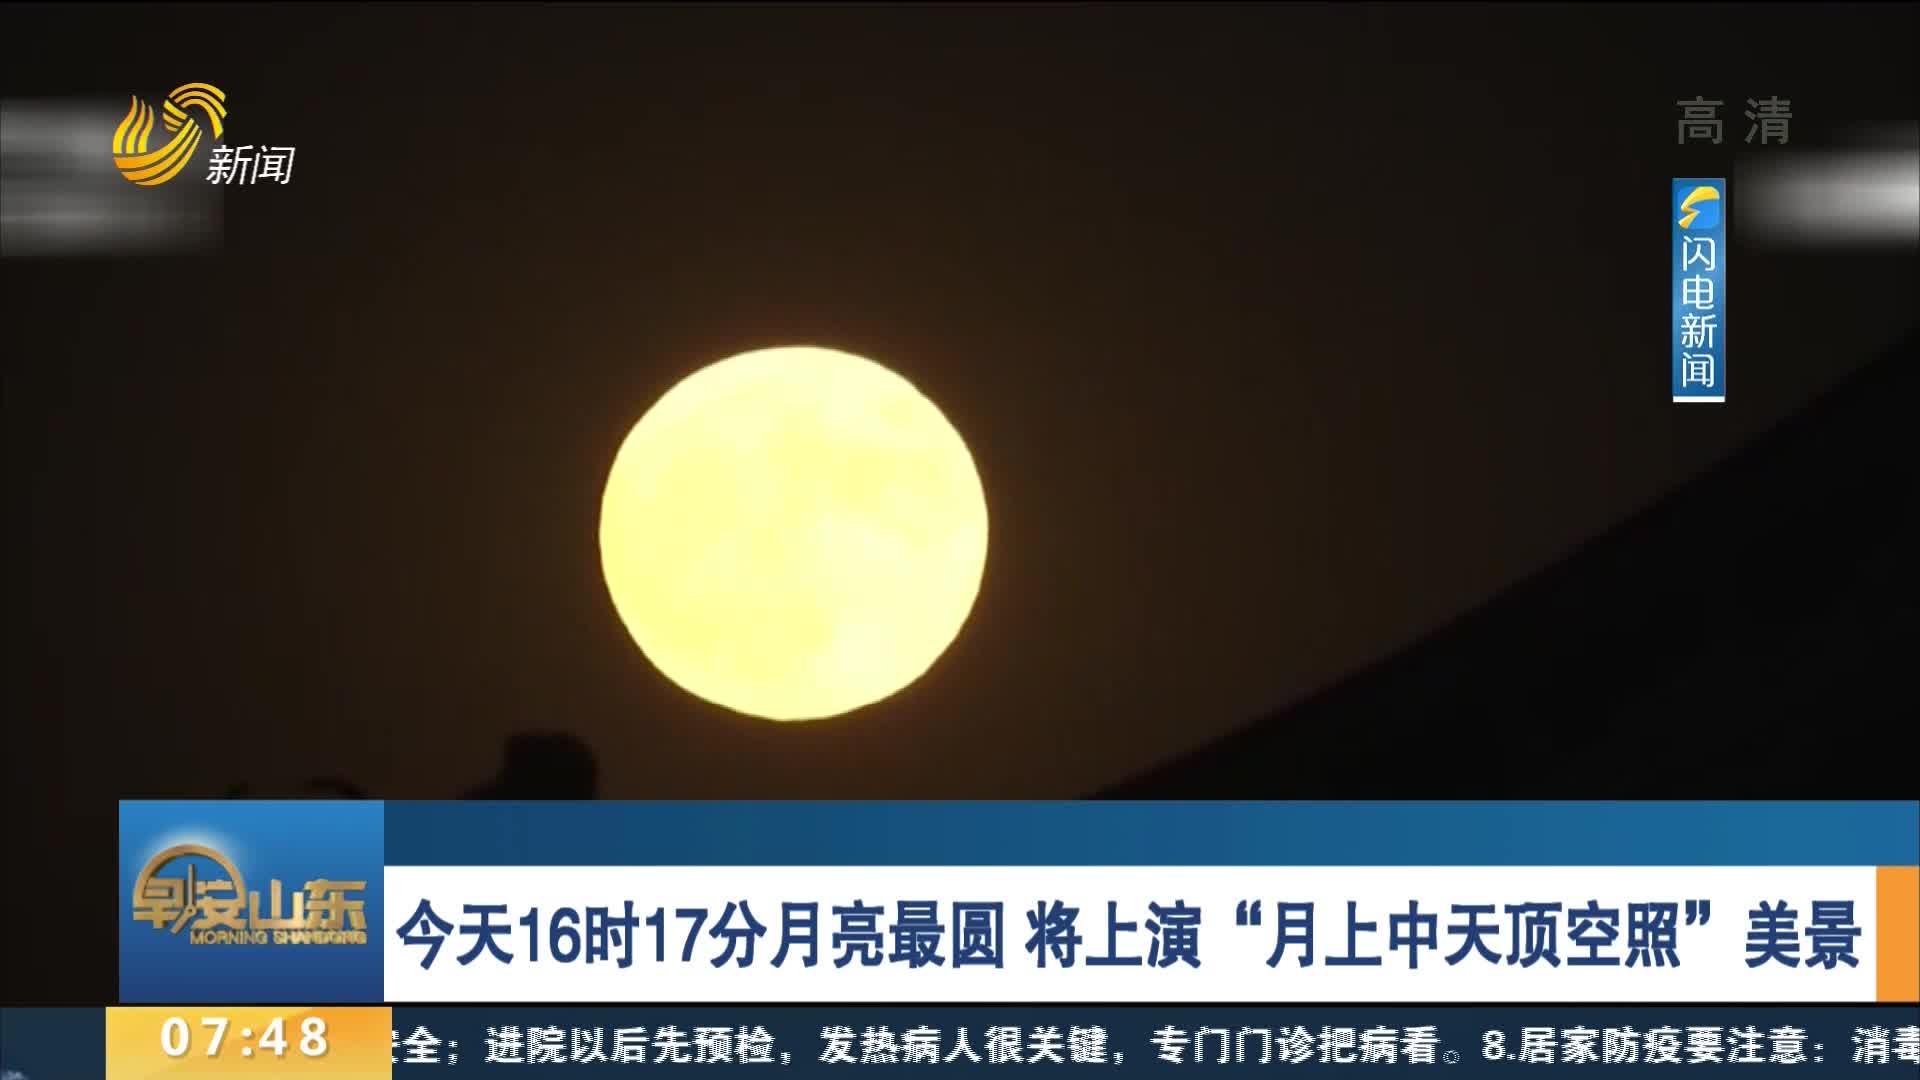 """今天16时17分月亮最圆 将上演""""月上中天顶空照""""美景"""